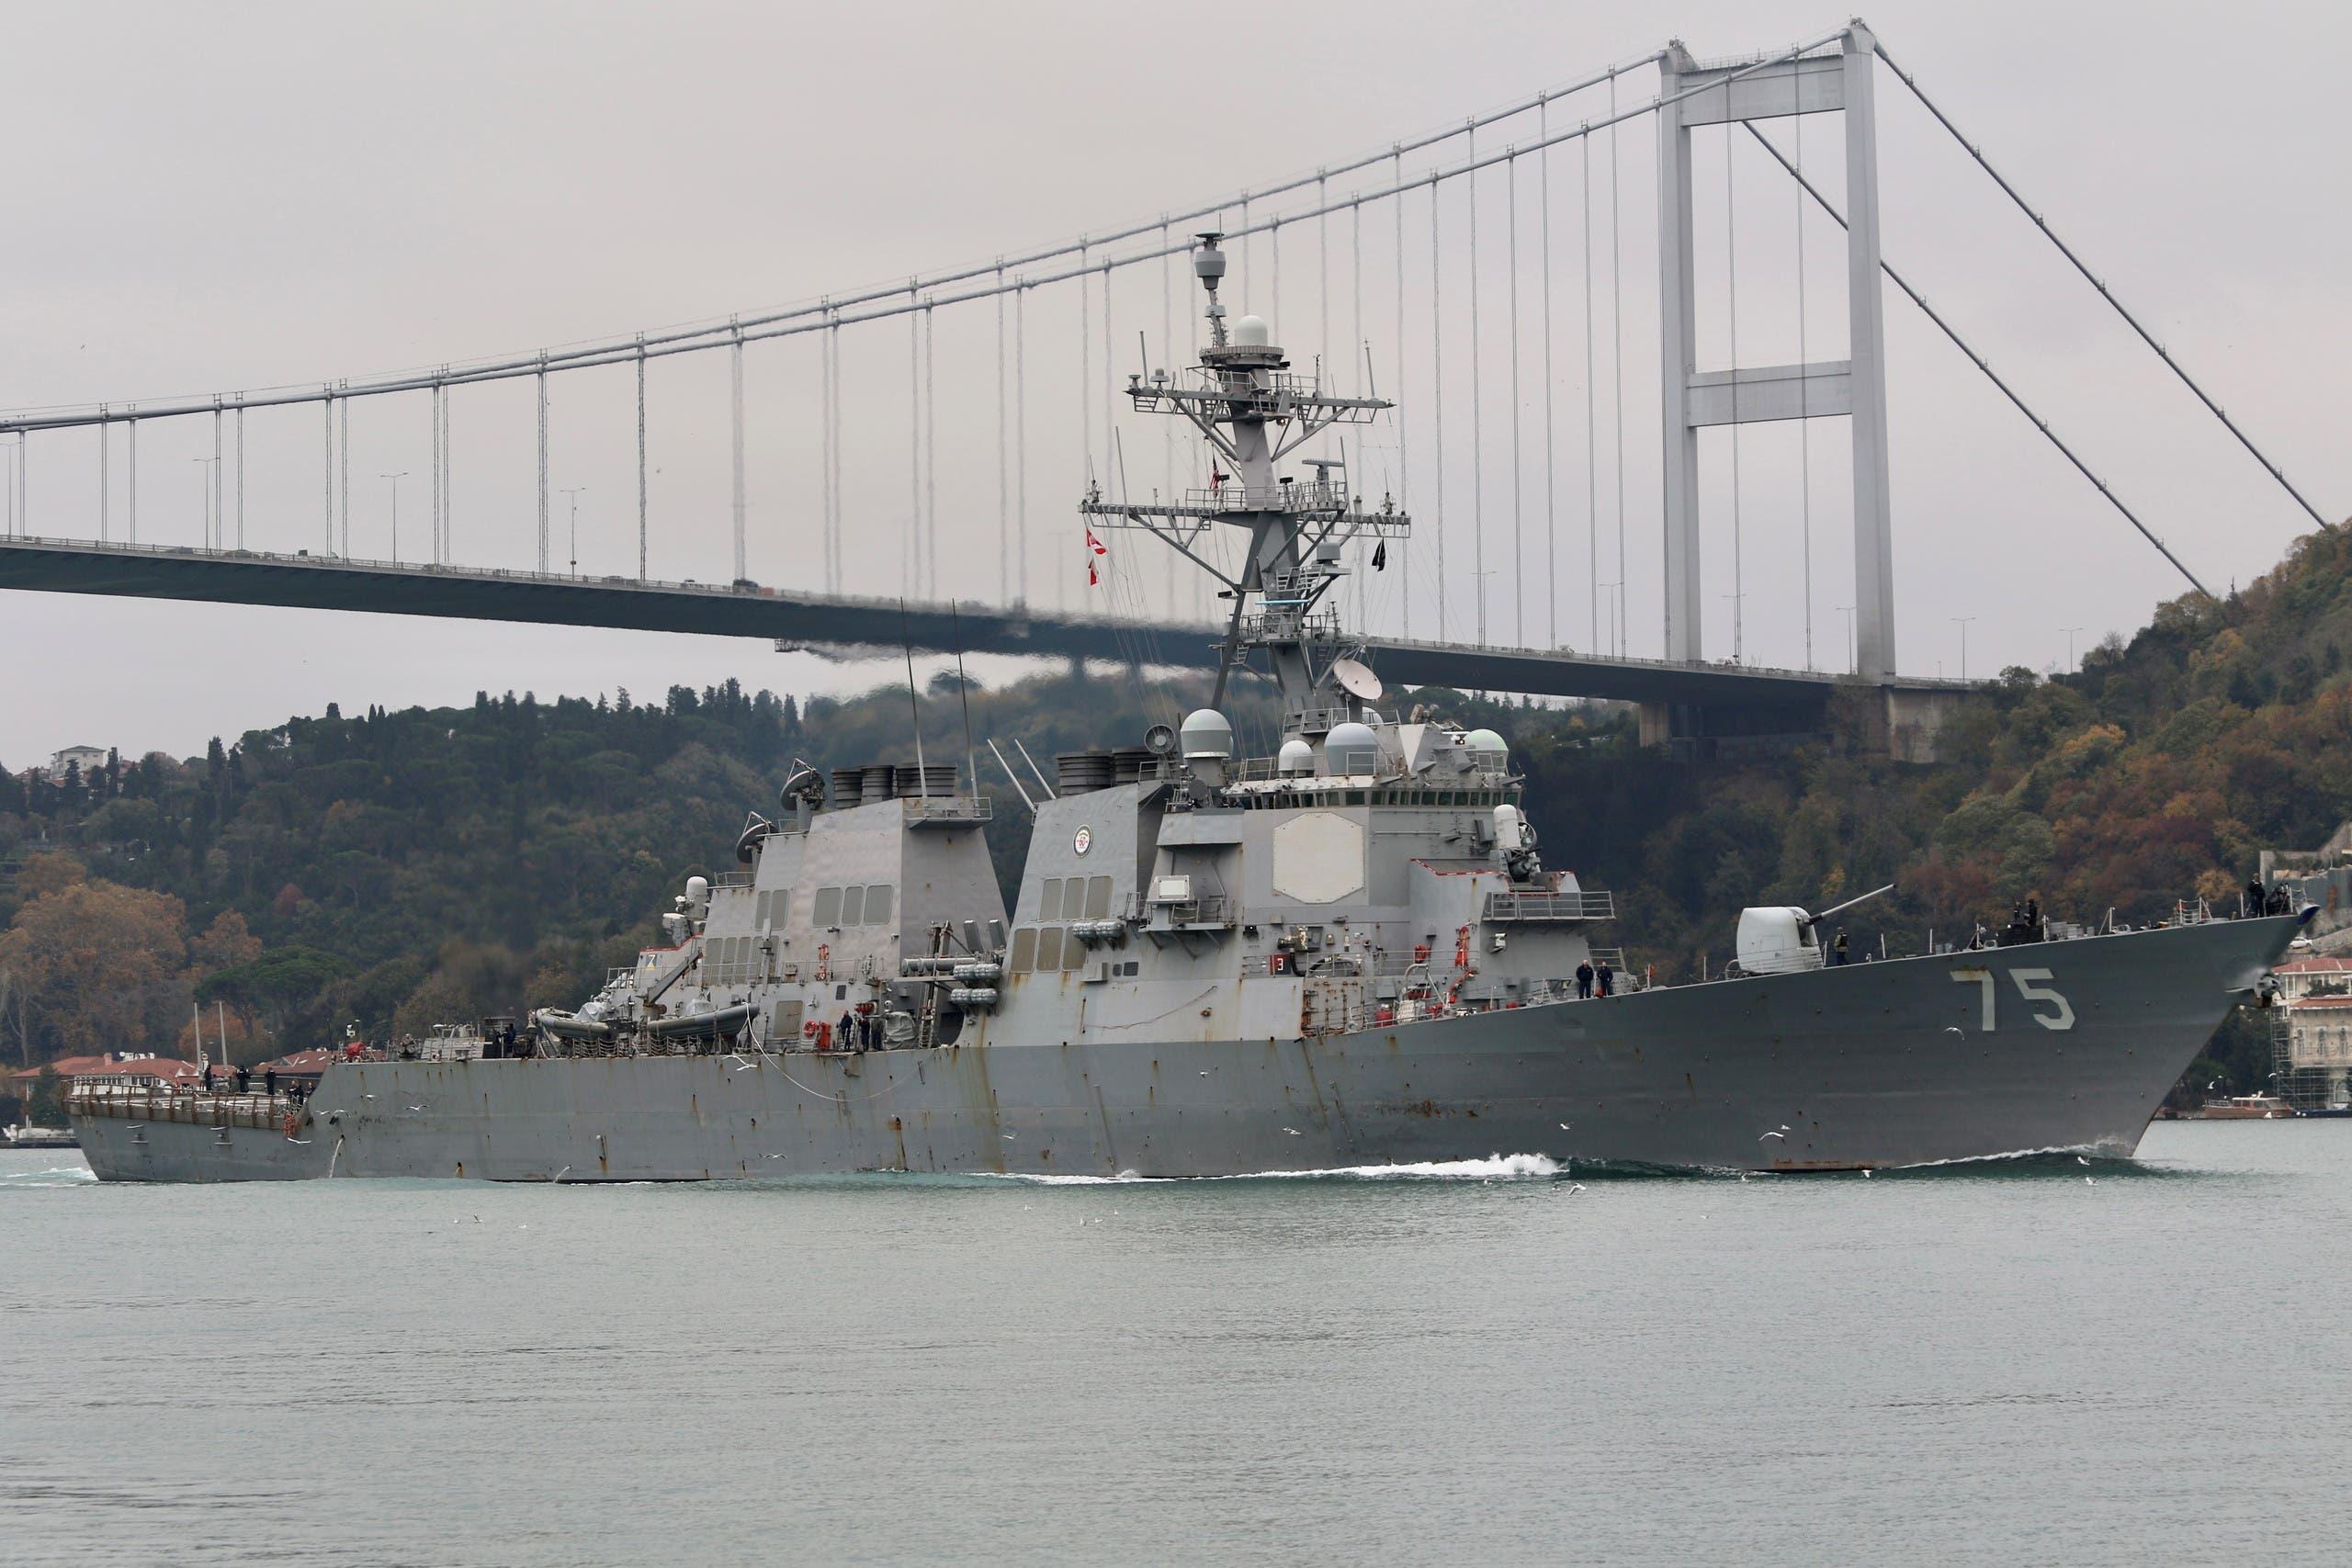 سفينة حربية أميركية تعبر البوسفور في ديسمبر الماضي متجهةً إلى البحر الأسود